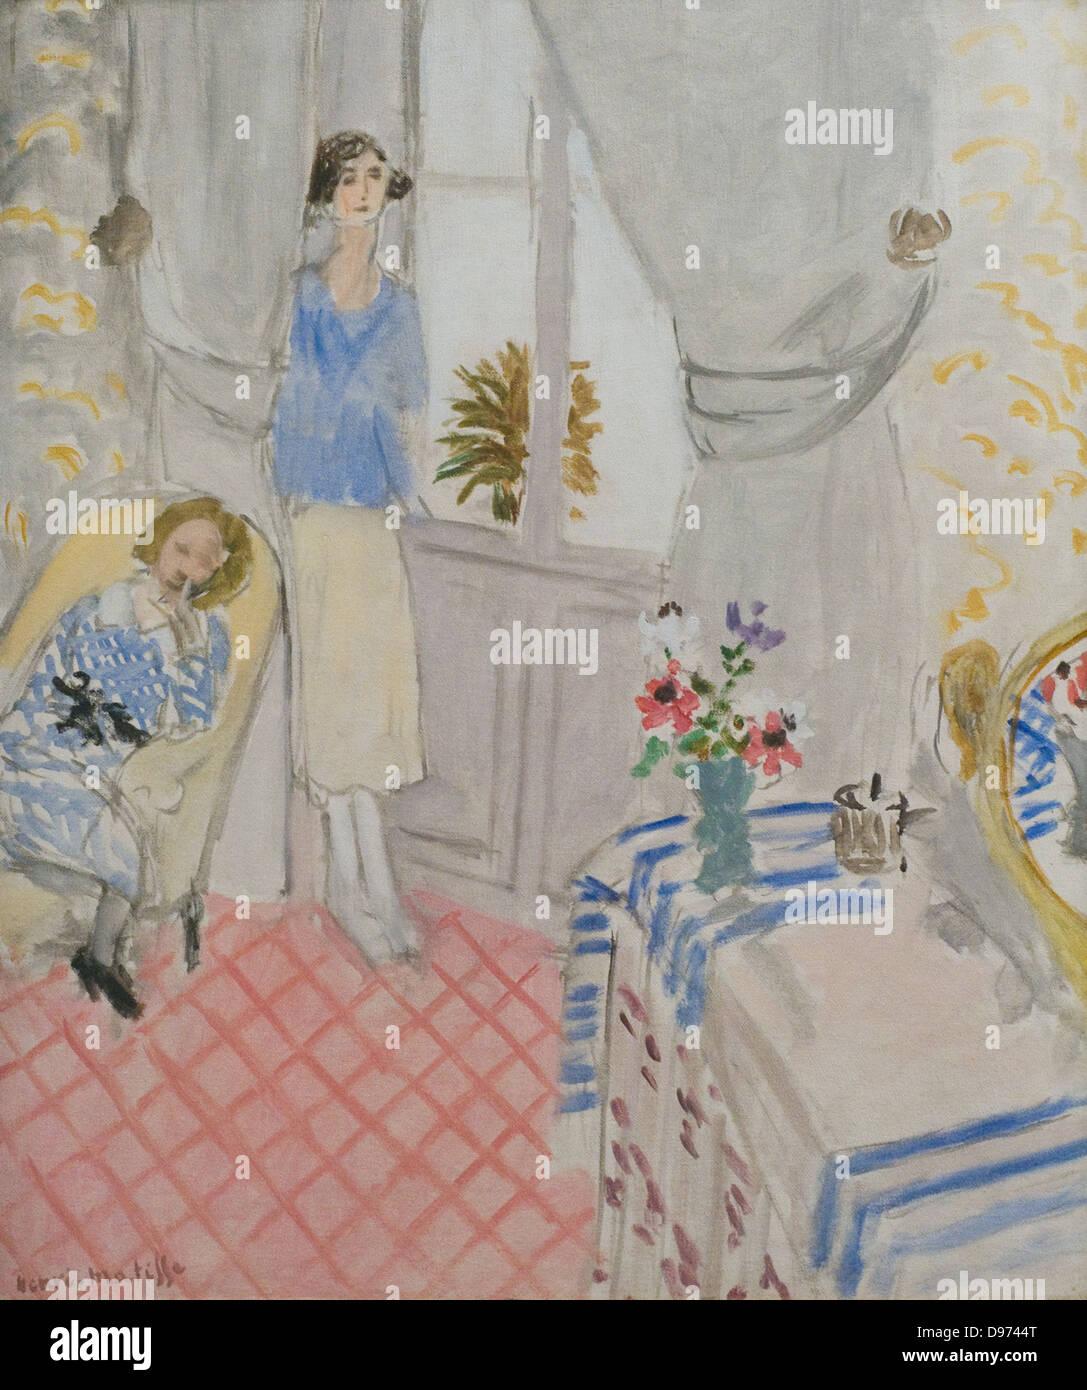 Henri Matisse Le Boudoir 1921 XX th Century Paris Orangerie Museum - Stock Image